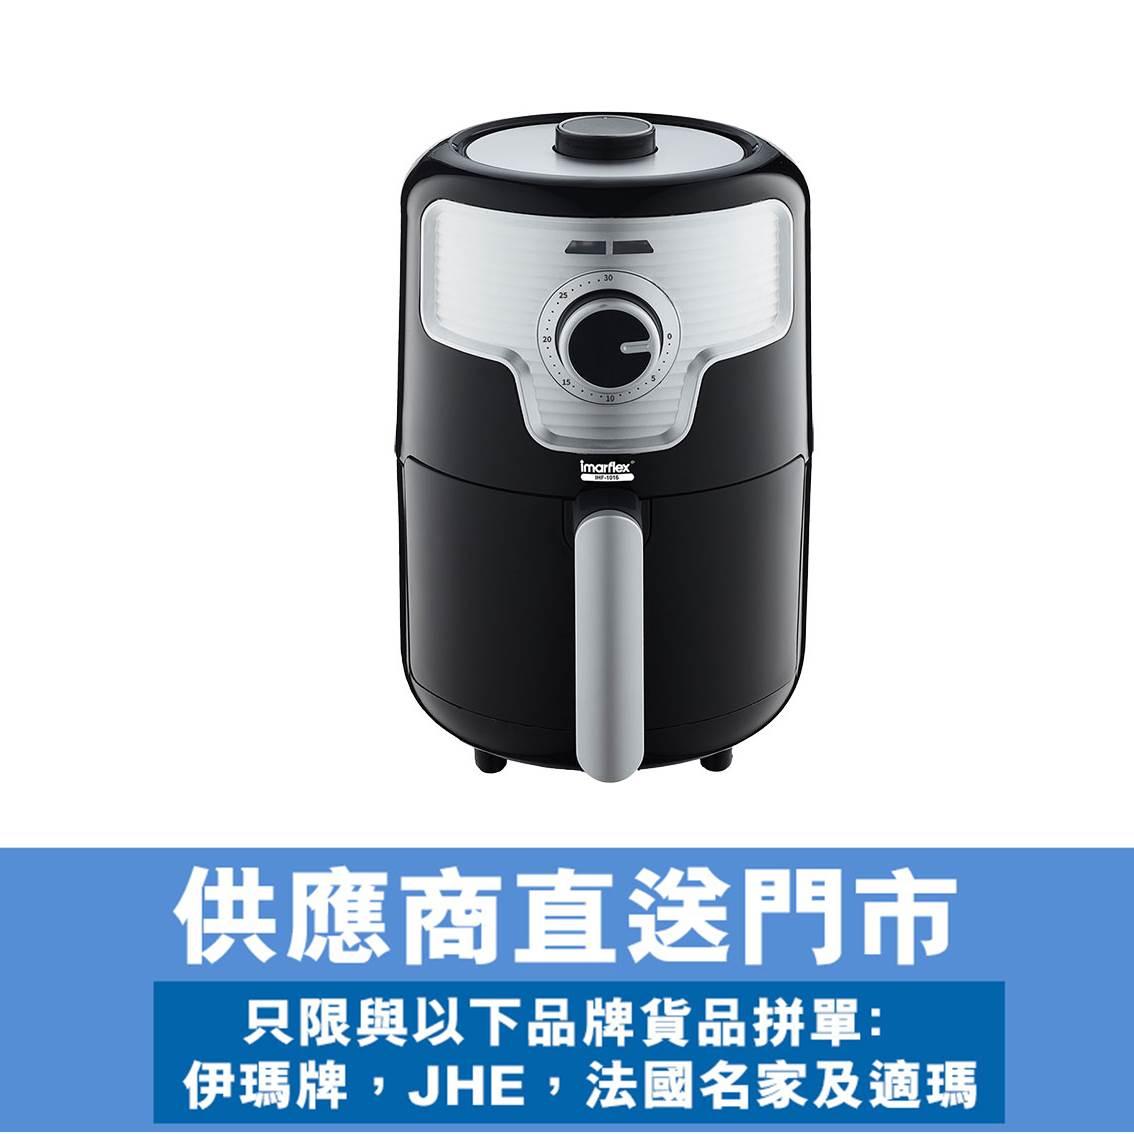 伊瑪1.6公升健康氣炸鍋 *供應商直送 只限門市取貨-型號 : IHF-1016